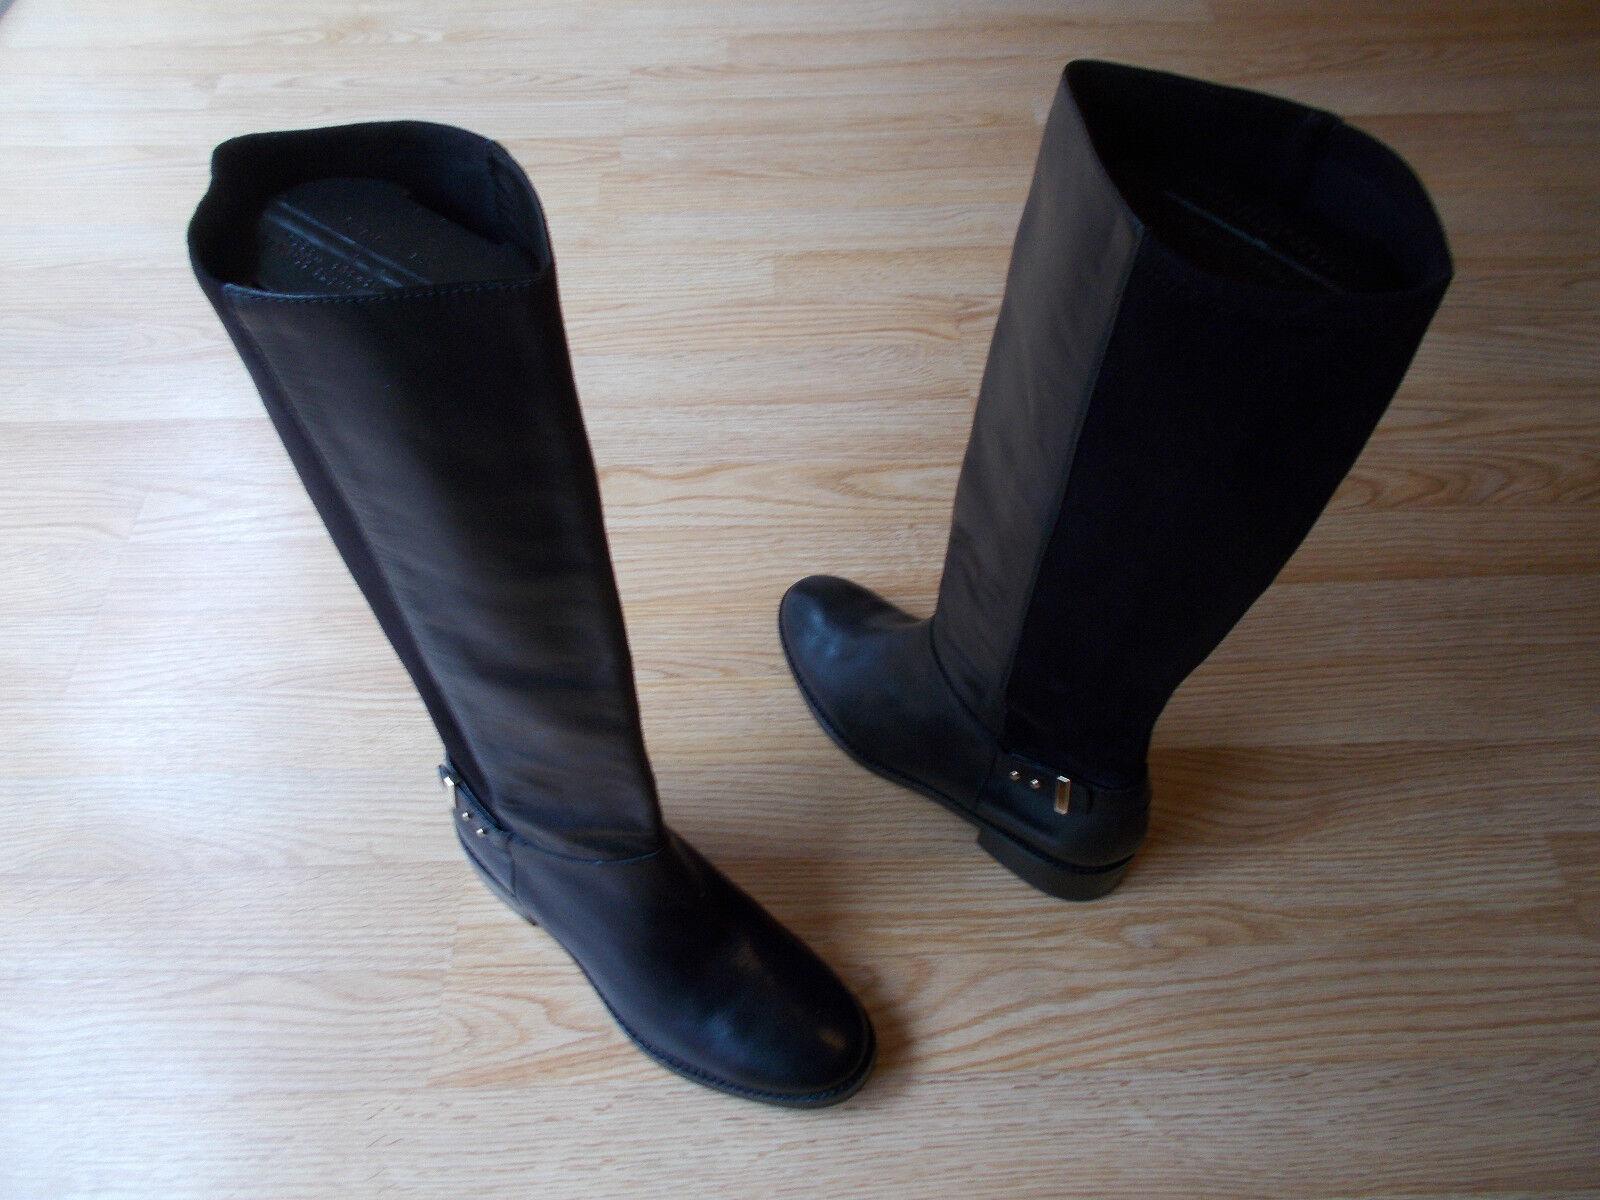 Cole Haan Adler Alto botas De Montar Gamuza Cuero Negro Tire de 9.5 B Nuevo